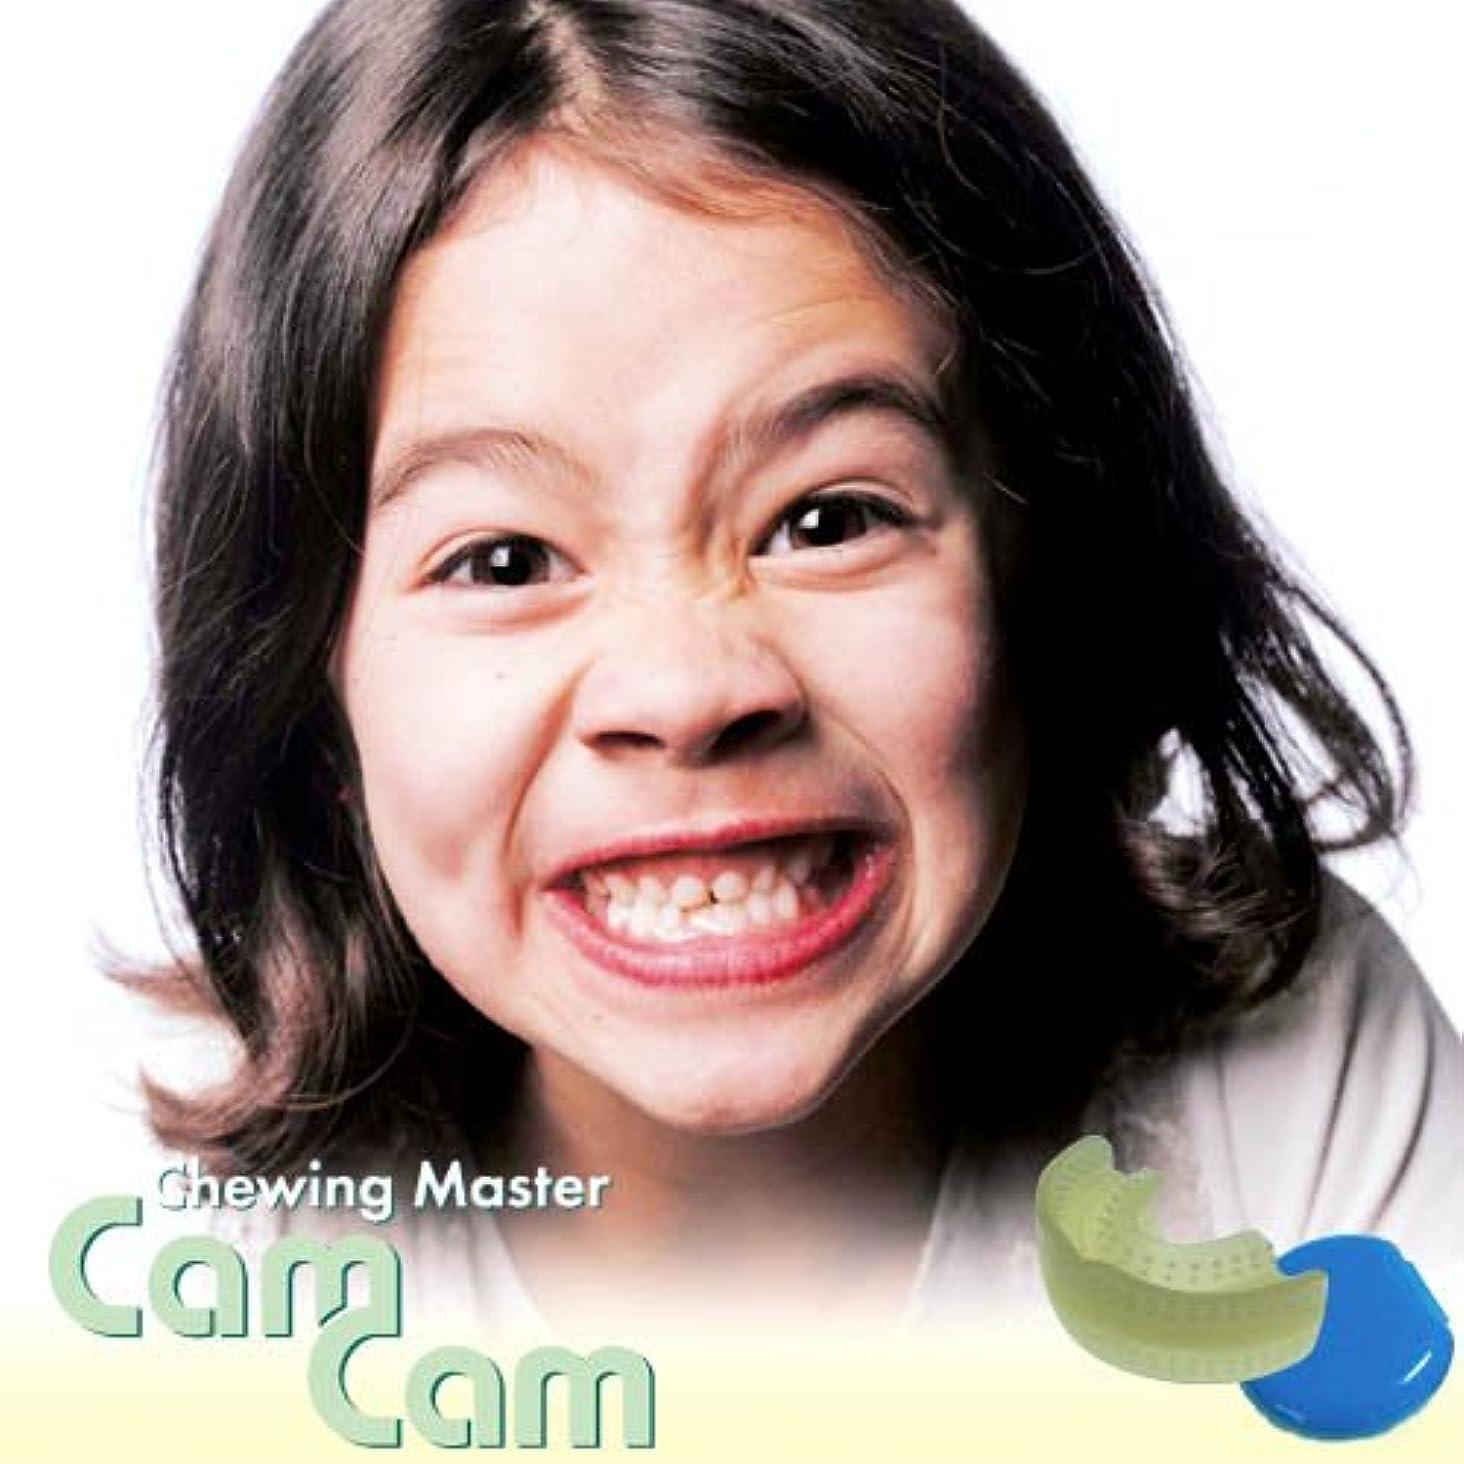 いつイソギンチャク四歯科医師開発 口腔筋機能トレーニングマウスピース【CamCam ST】カムカム (ブルー) 乳歯列期から混合歯列期用